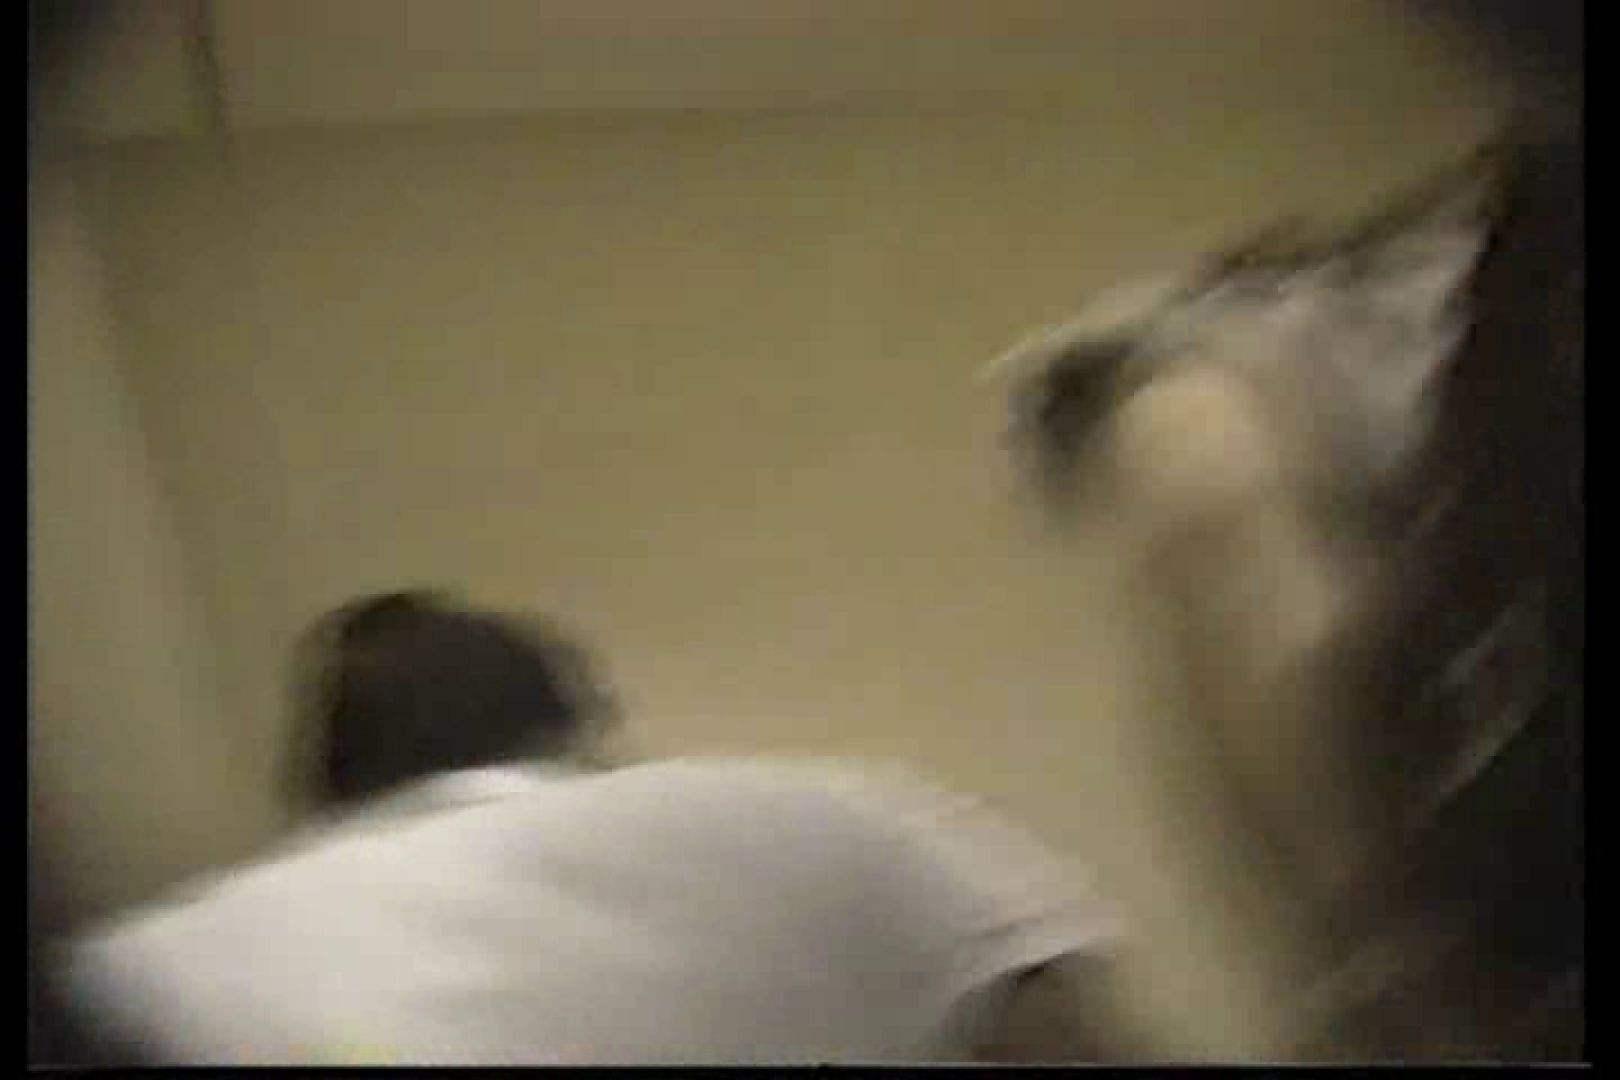 気になるあのコのパンツを盗撮 TK-061 盗撮 | パンティ  67画像 21